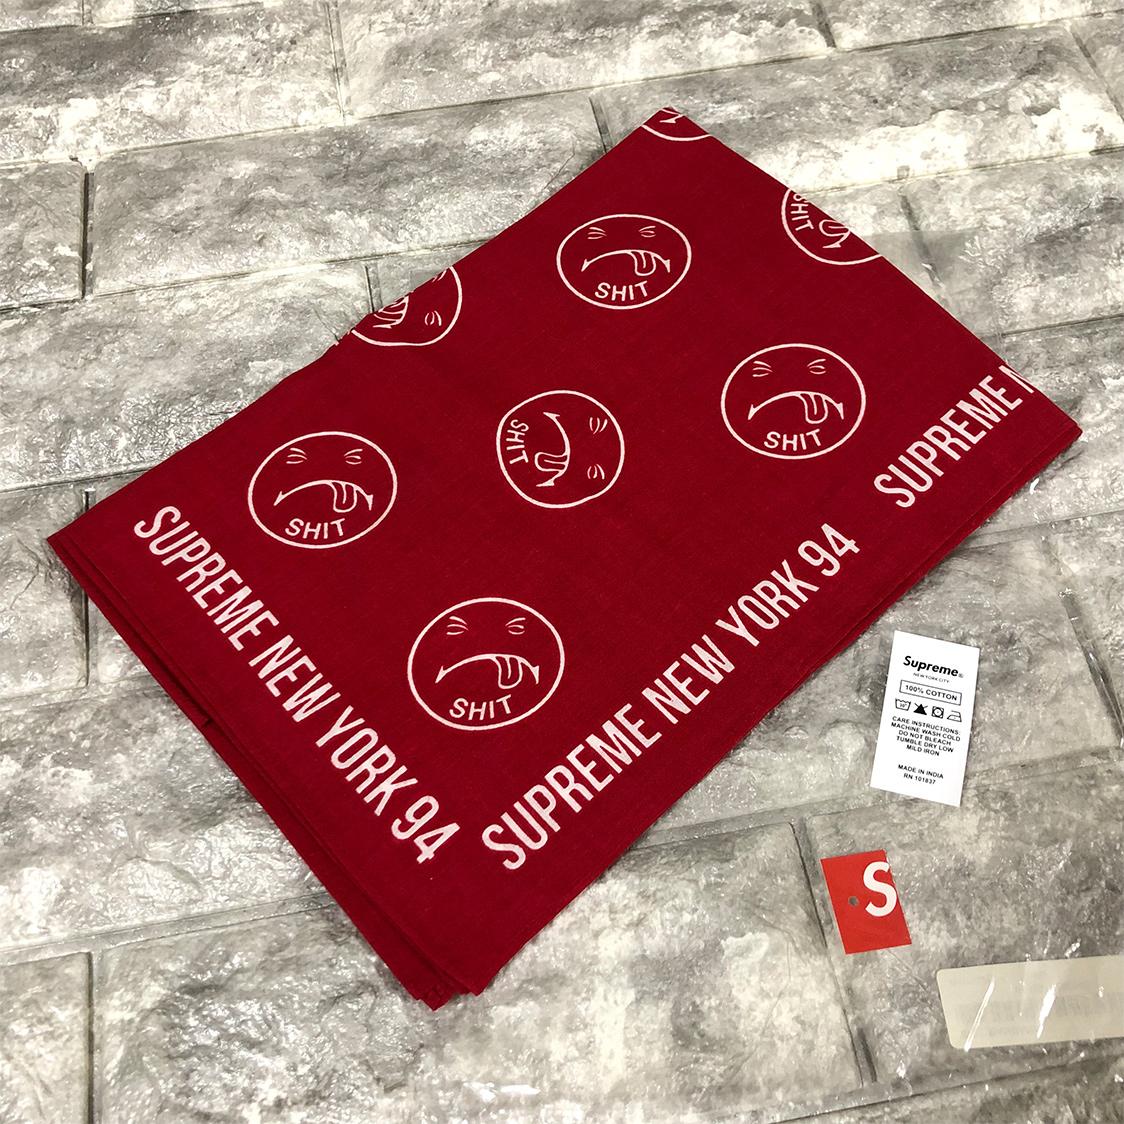 新品 正規品 SUPREME シュプリーム バンダナ レッド SHIT NEW YORK 94